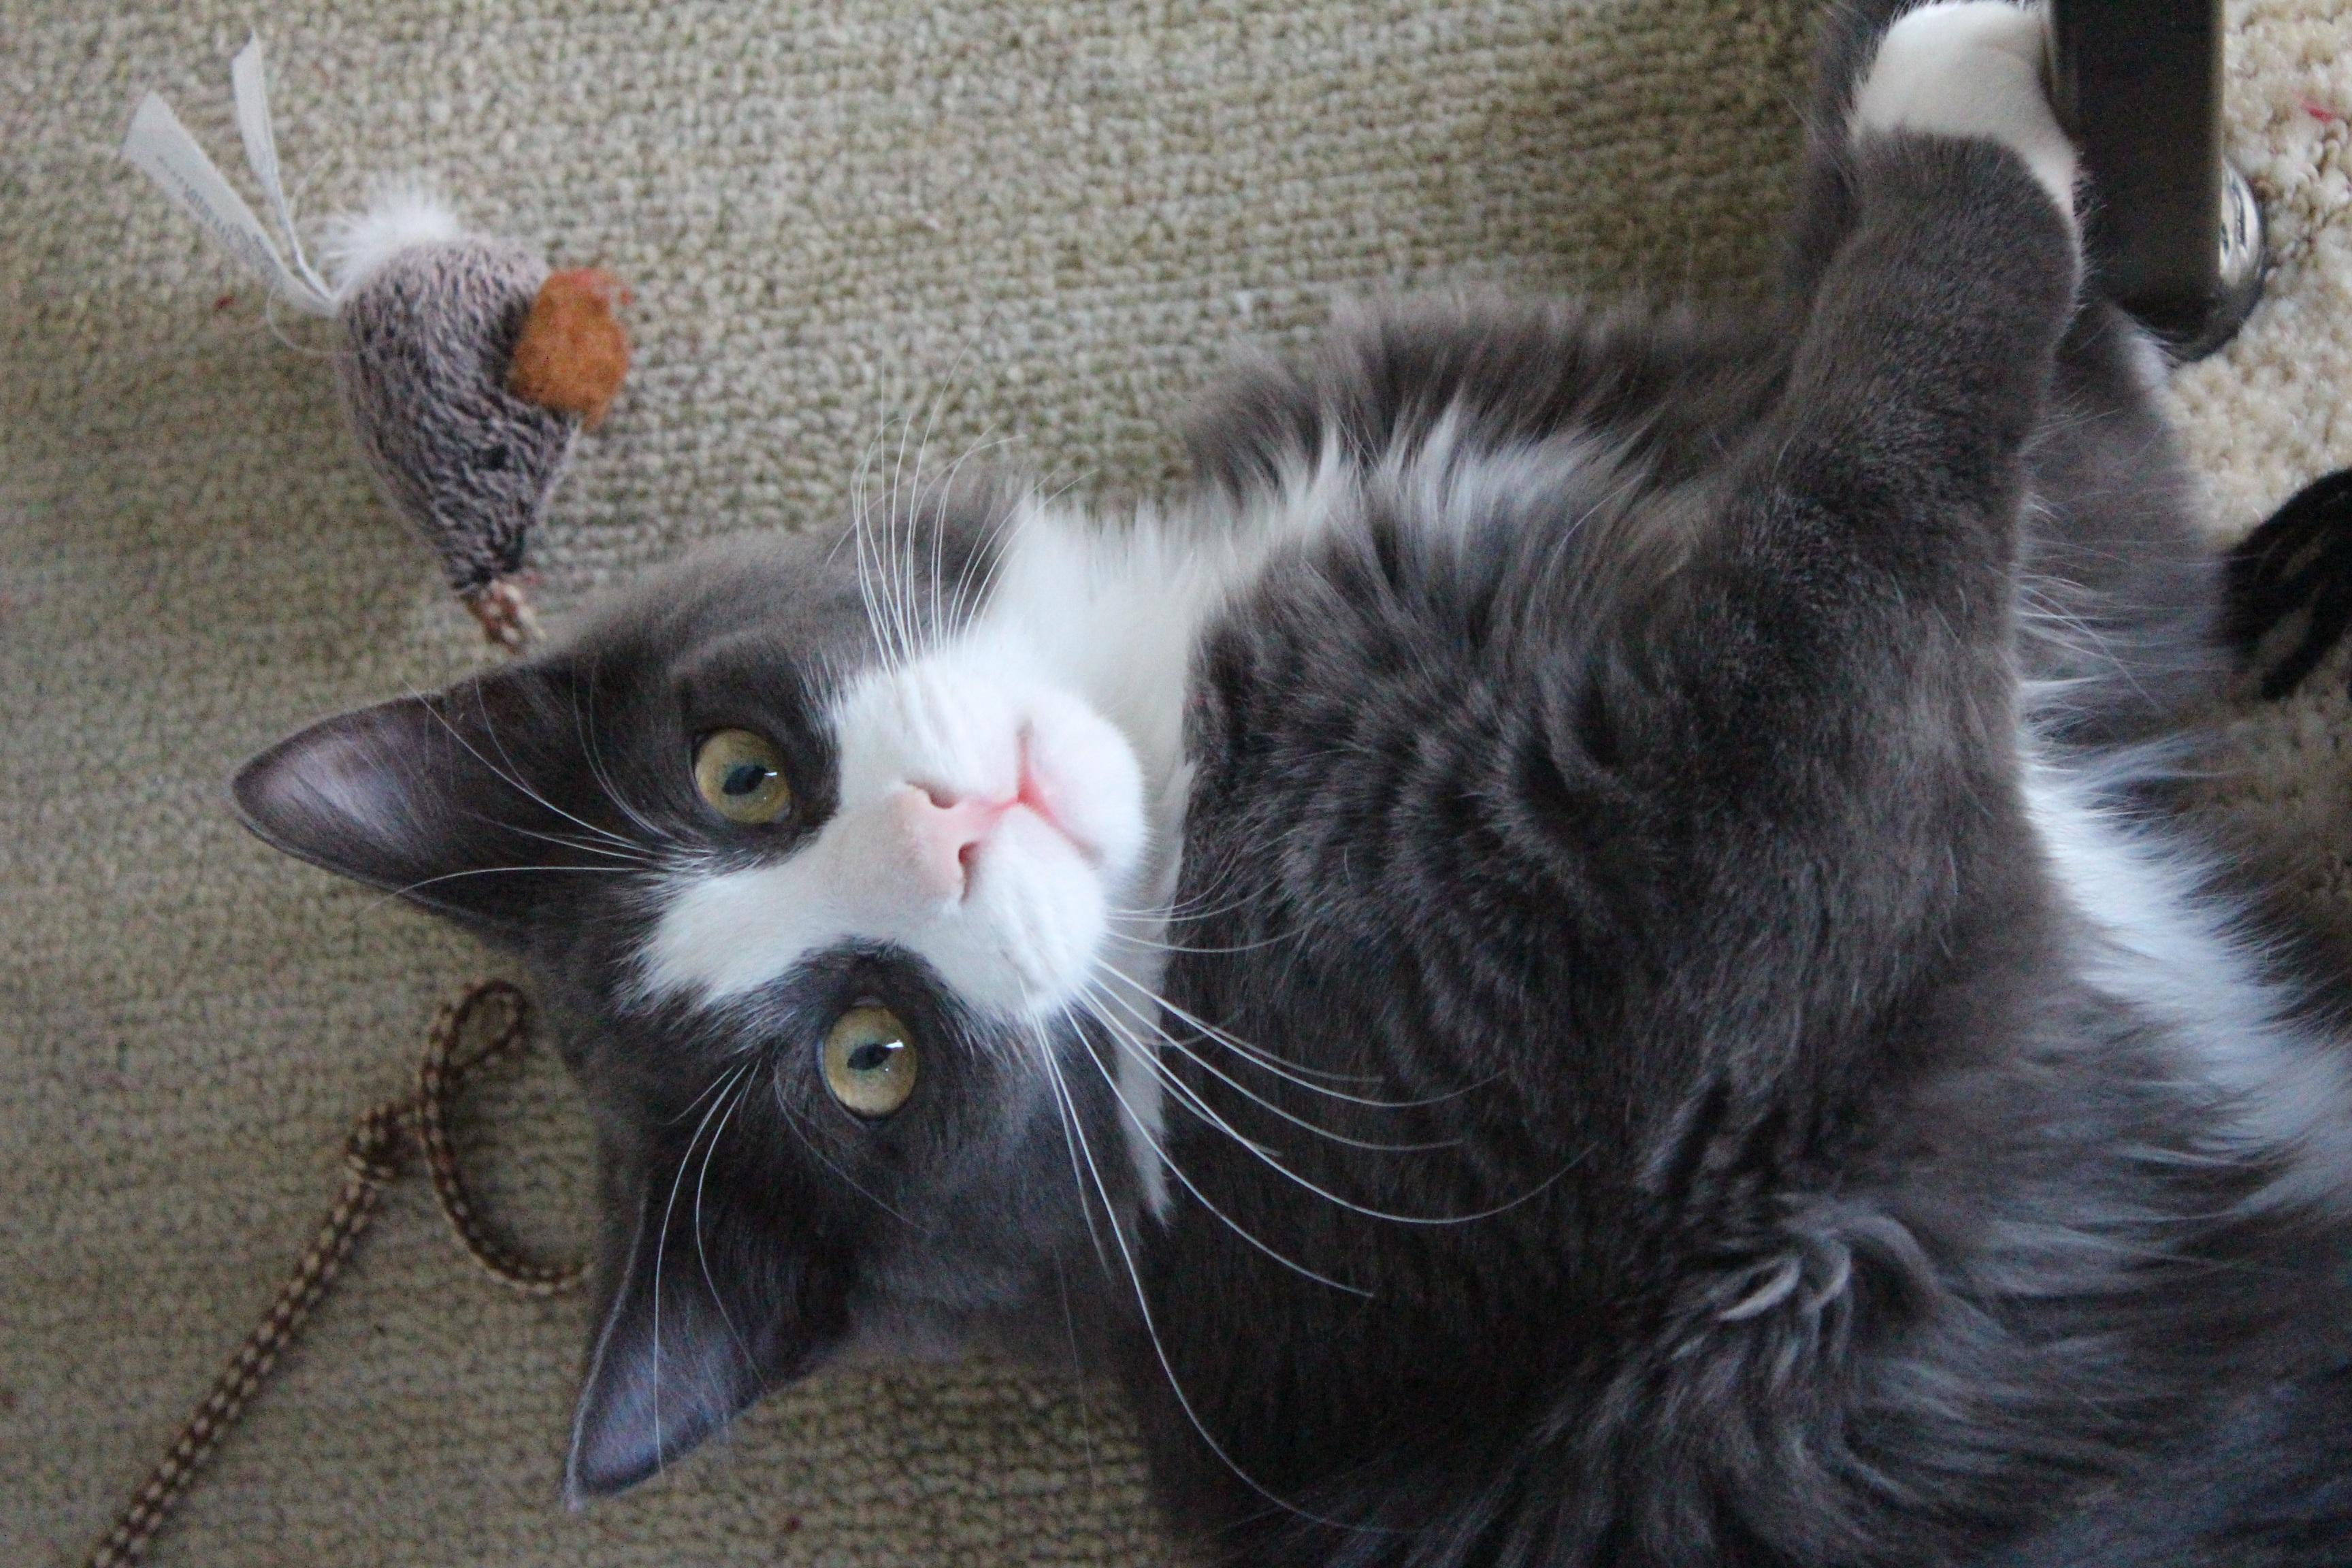 pekná mačička pics com zadarmo zadarmo eben porno